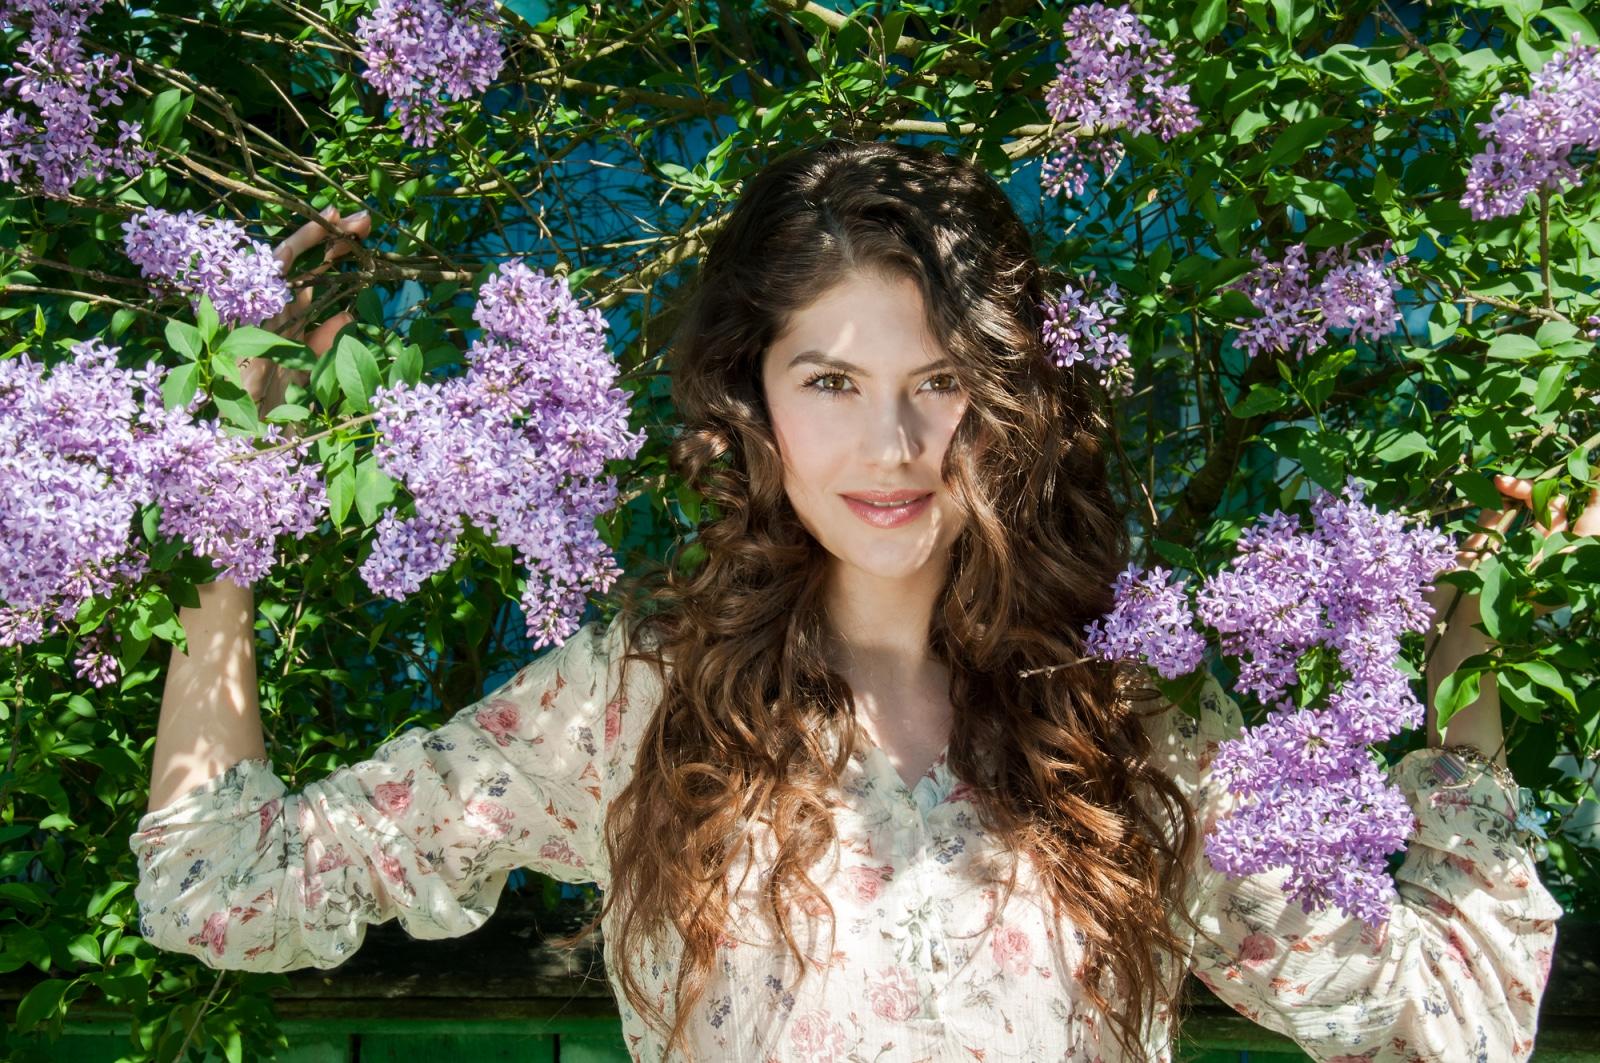 Így fotózzátok egymást tavasszal, ha varázslatos képeket szeretnétek - Inspiráló fotók következnek